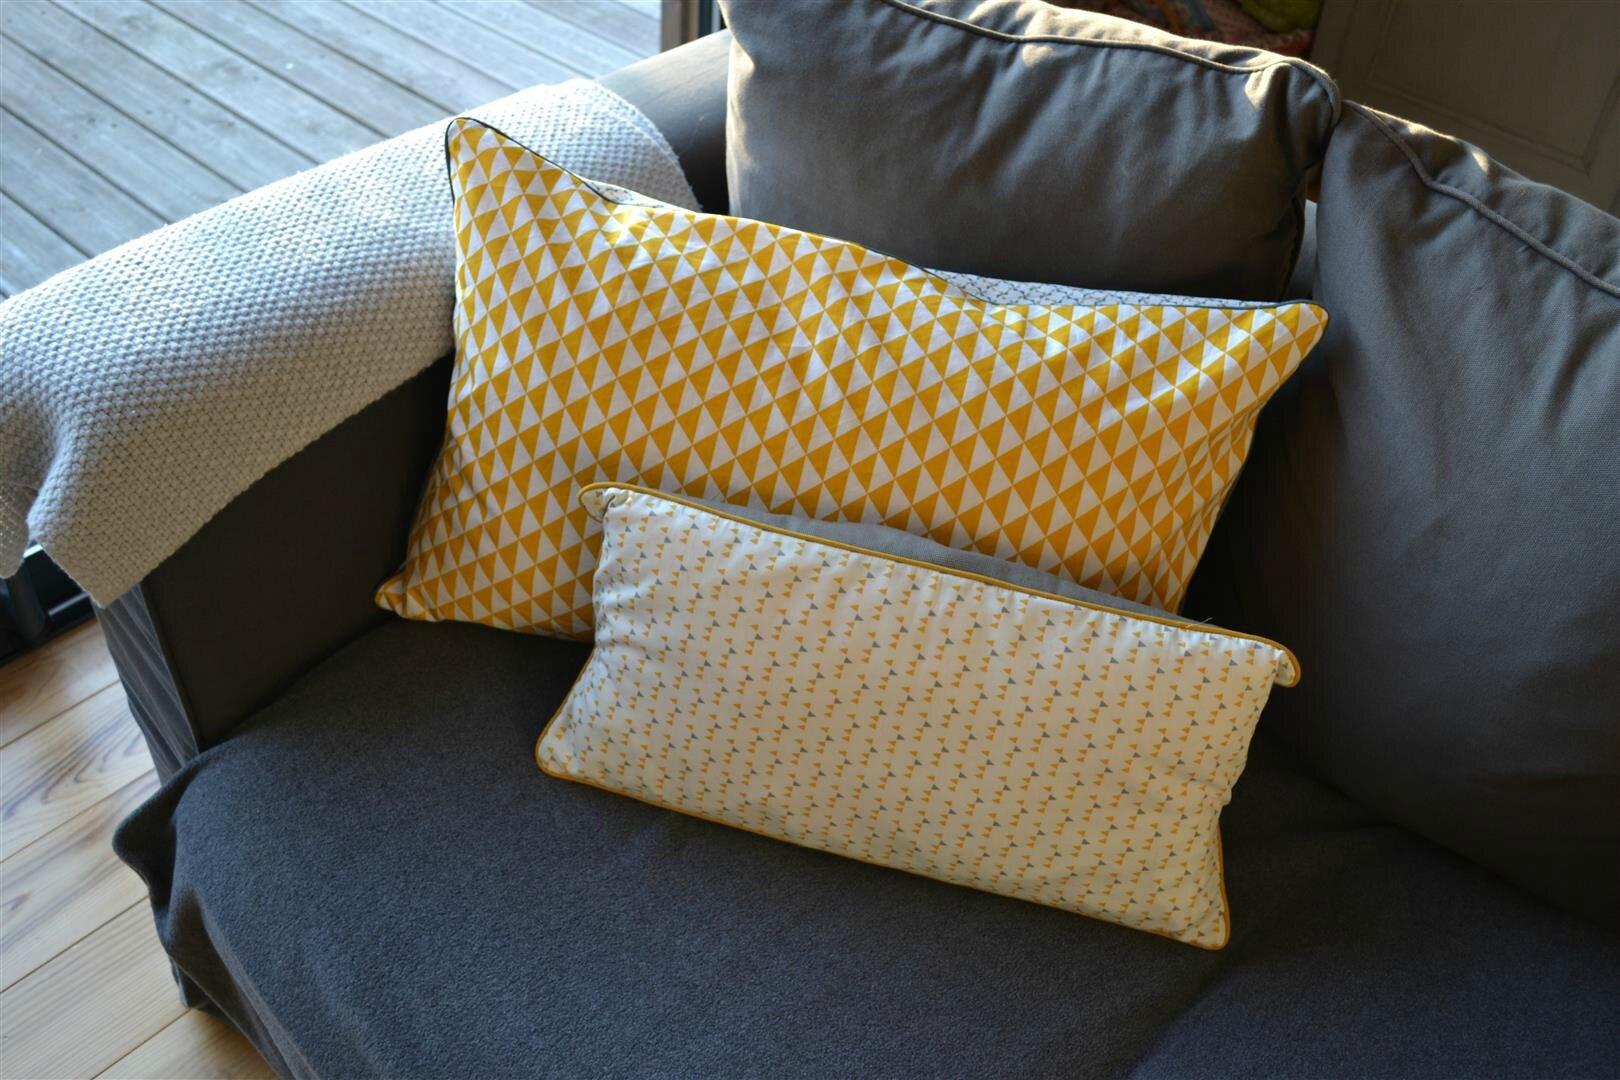 les petits coussins d 39 automne 2 moutarde et bleu canard vent de liberty. Black Bedroom Furniture Sets. Home Design Ideas